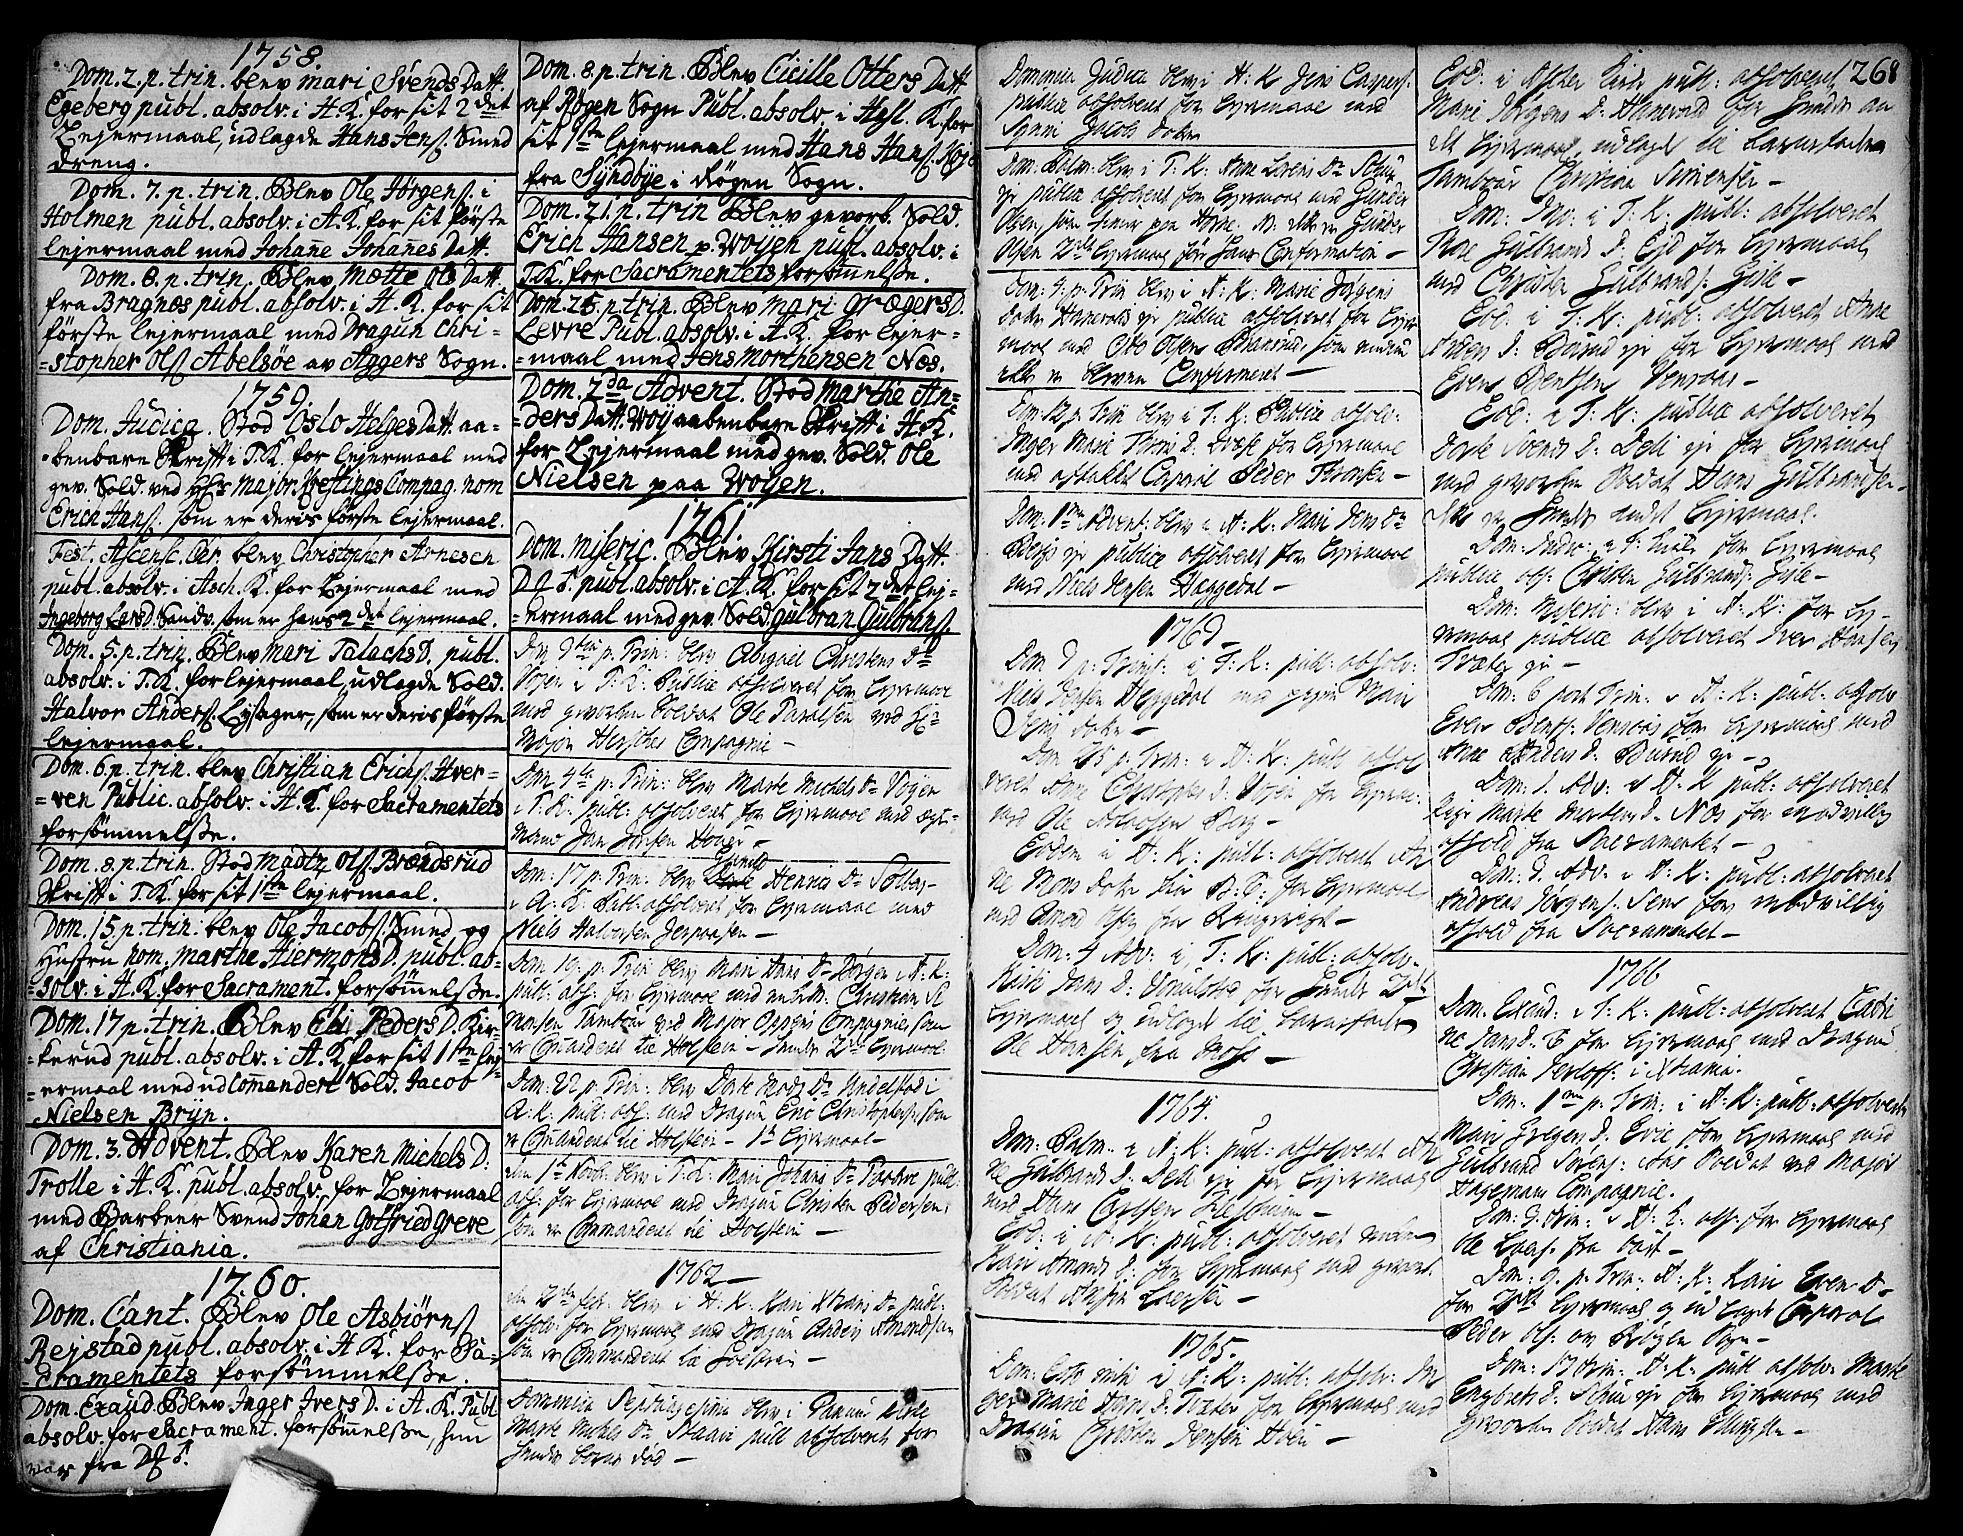 SAO, Asker prestekontor Kirkebøker, F/Fa/L0002: Ministerialbok nr. I 2, 1733-1766, s. 268